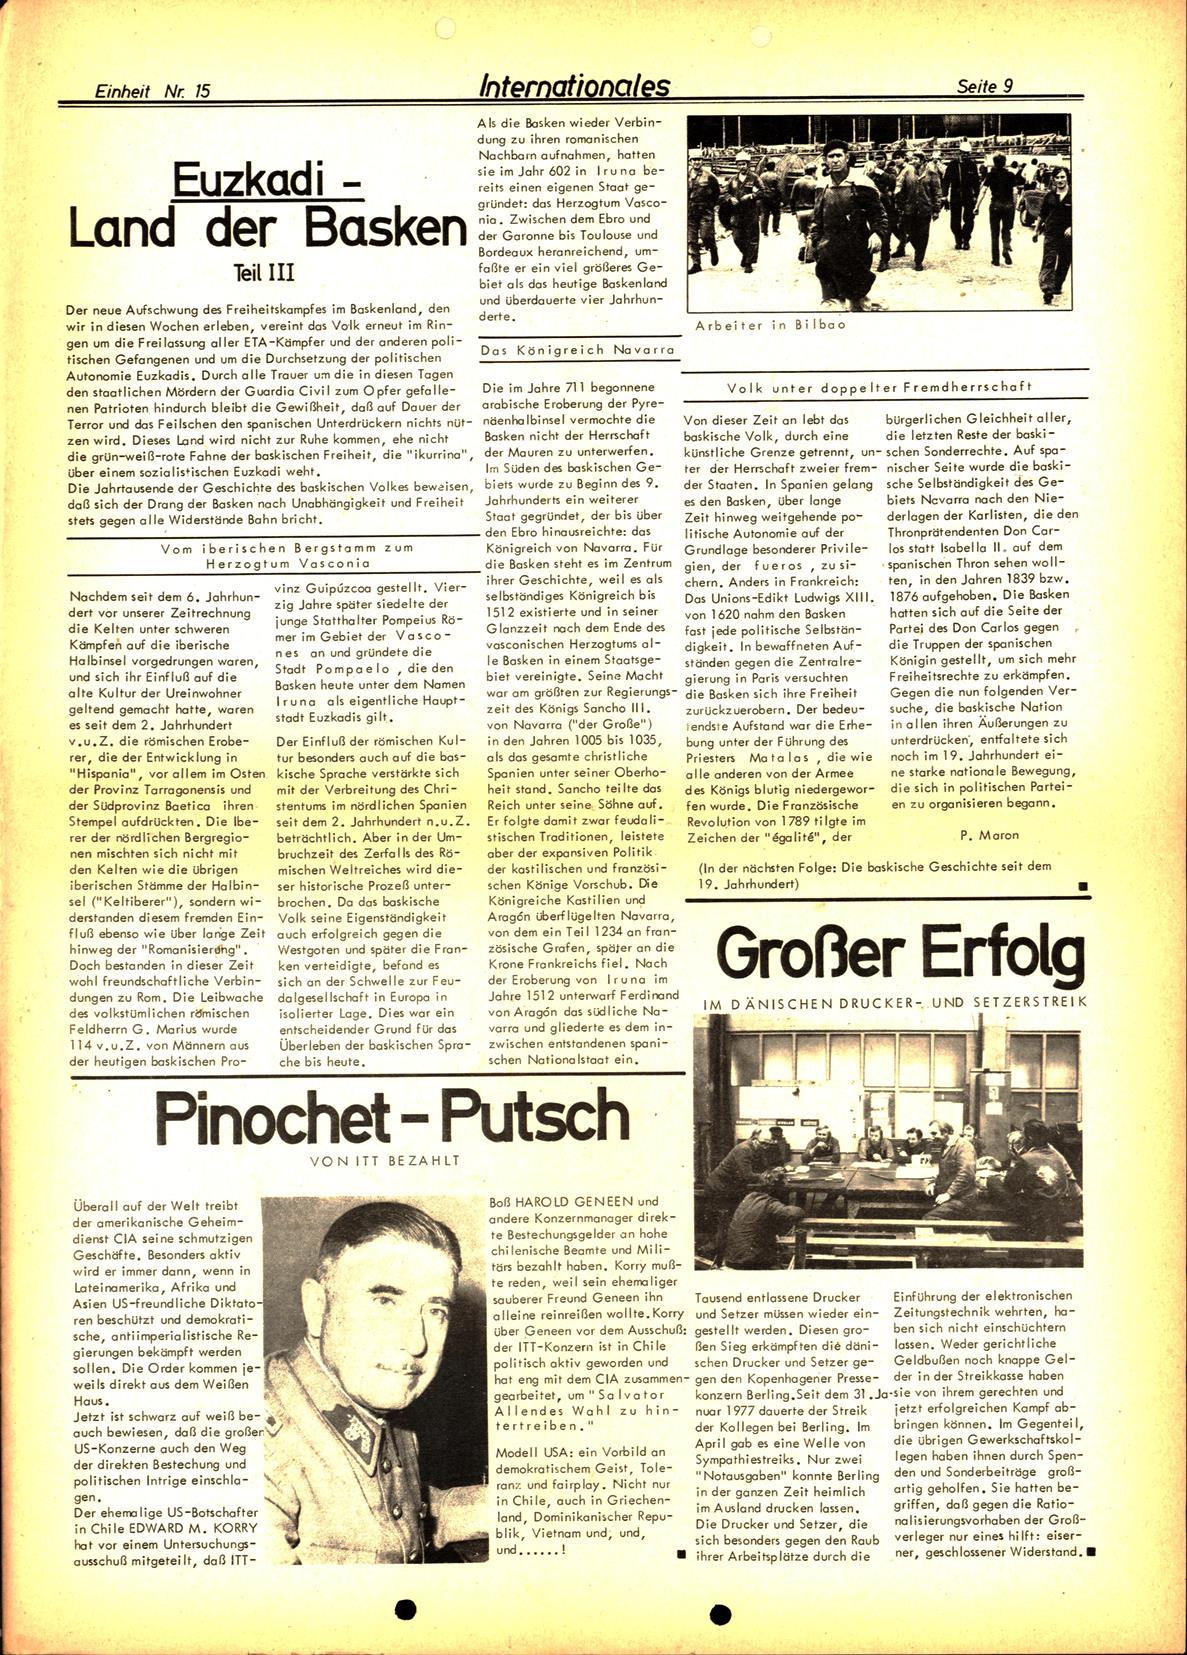 Koeln_IPdA_Einheit_1977_015_009